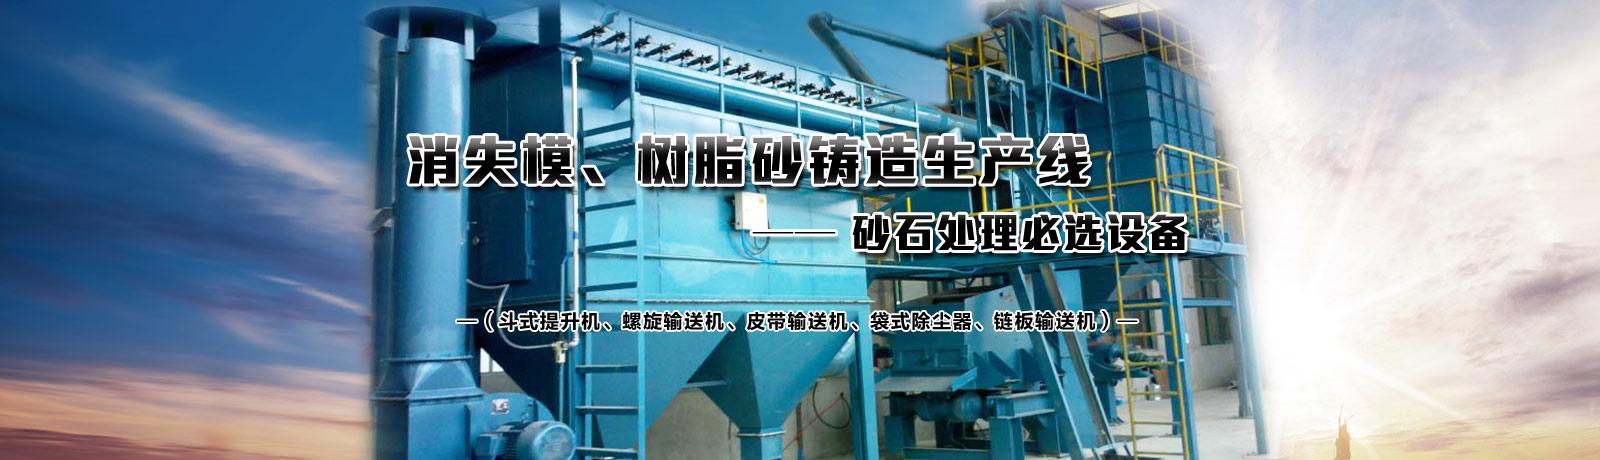 消失模/树脂砂铸造生产线加工设备:斗式提升机,螺旋输送机,皮带输送机,链板输送机,袋式除尘器